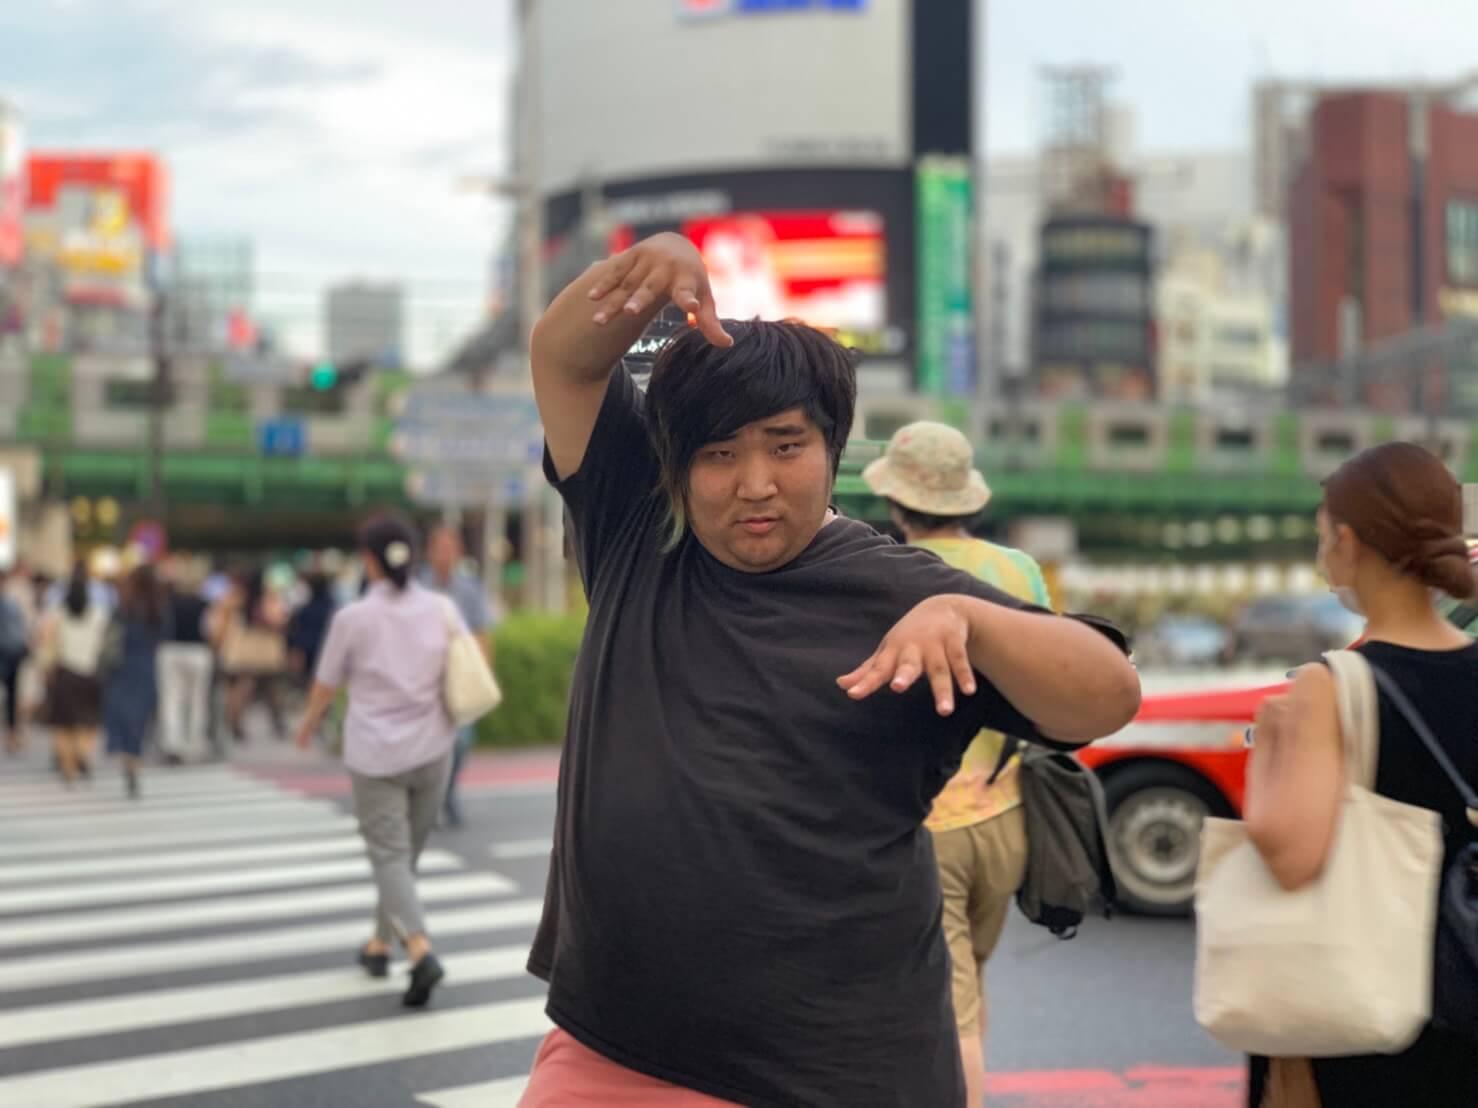 ダイキ君_スクランブル交差点決めポーズ1